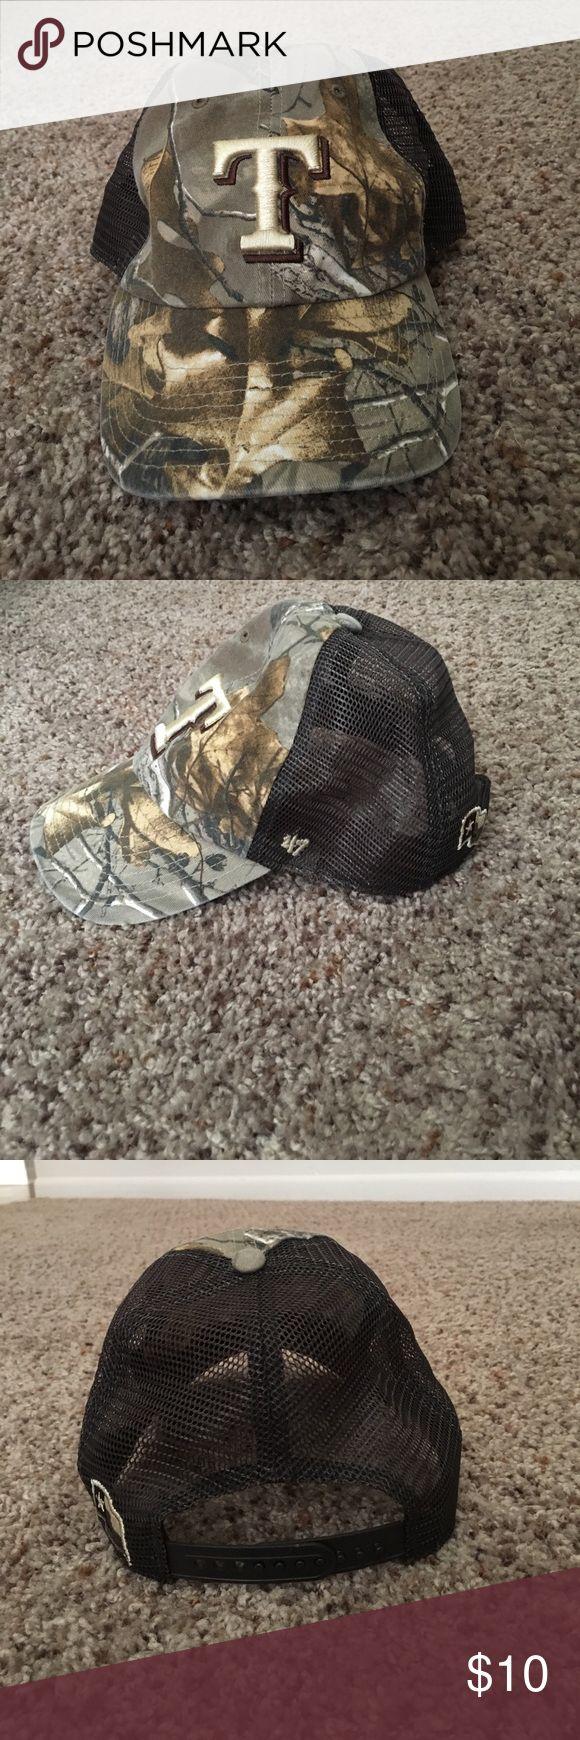 Texas Rangers Camo Hat Adjustable Texas Rangers Camouflage Cap Genuine Merchandise Accessories Hats